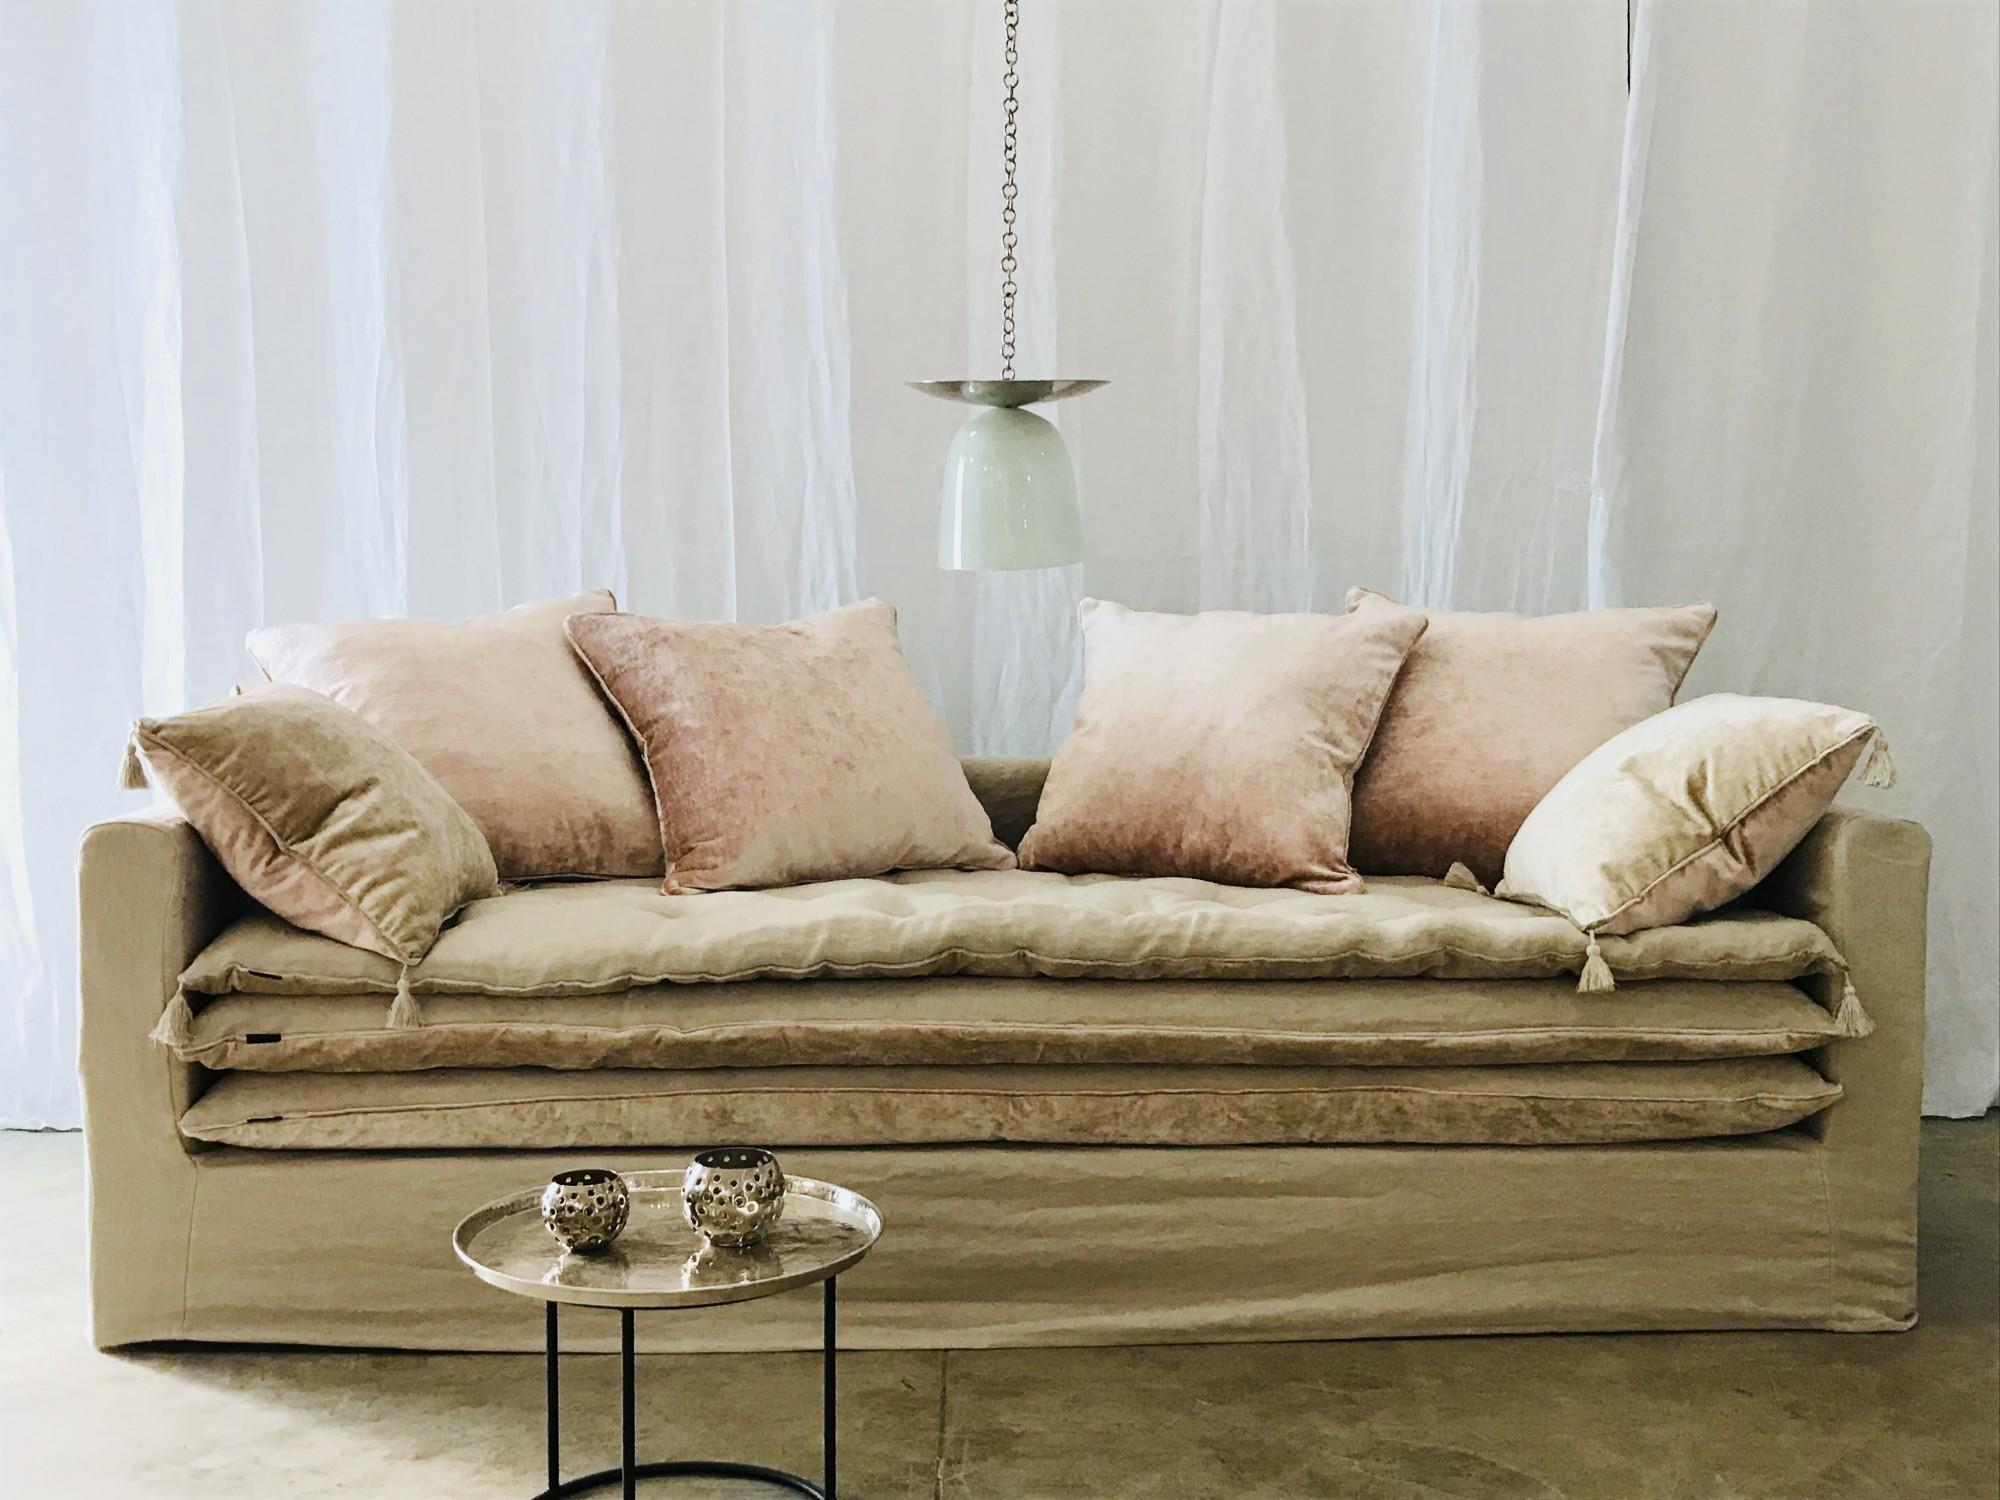 canapé sur mesure lin lavé beige ficelle Genève